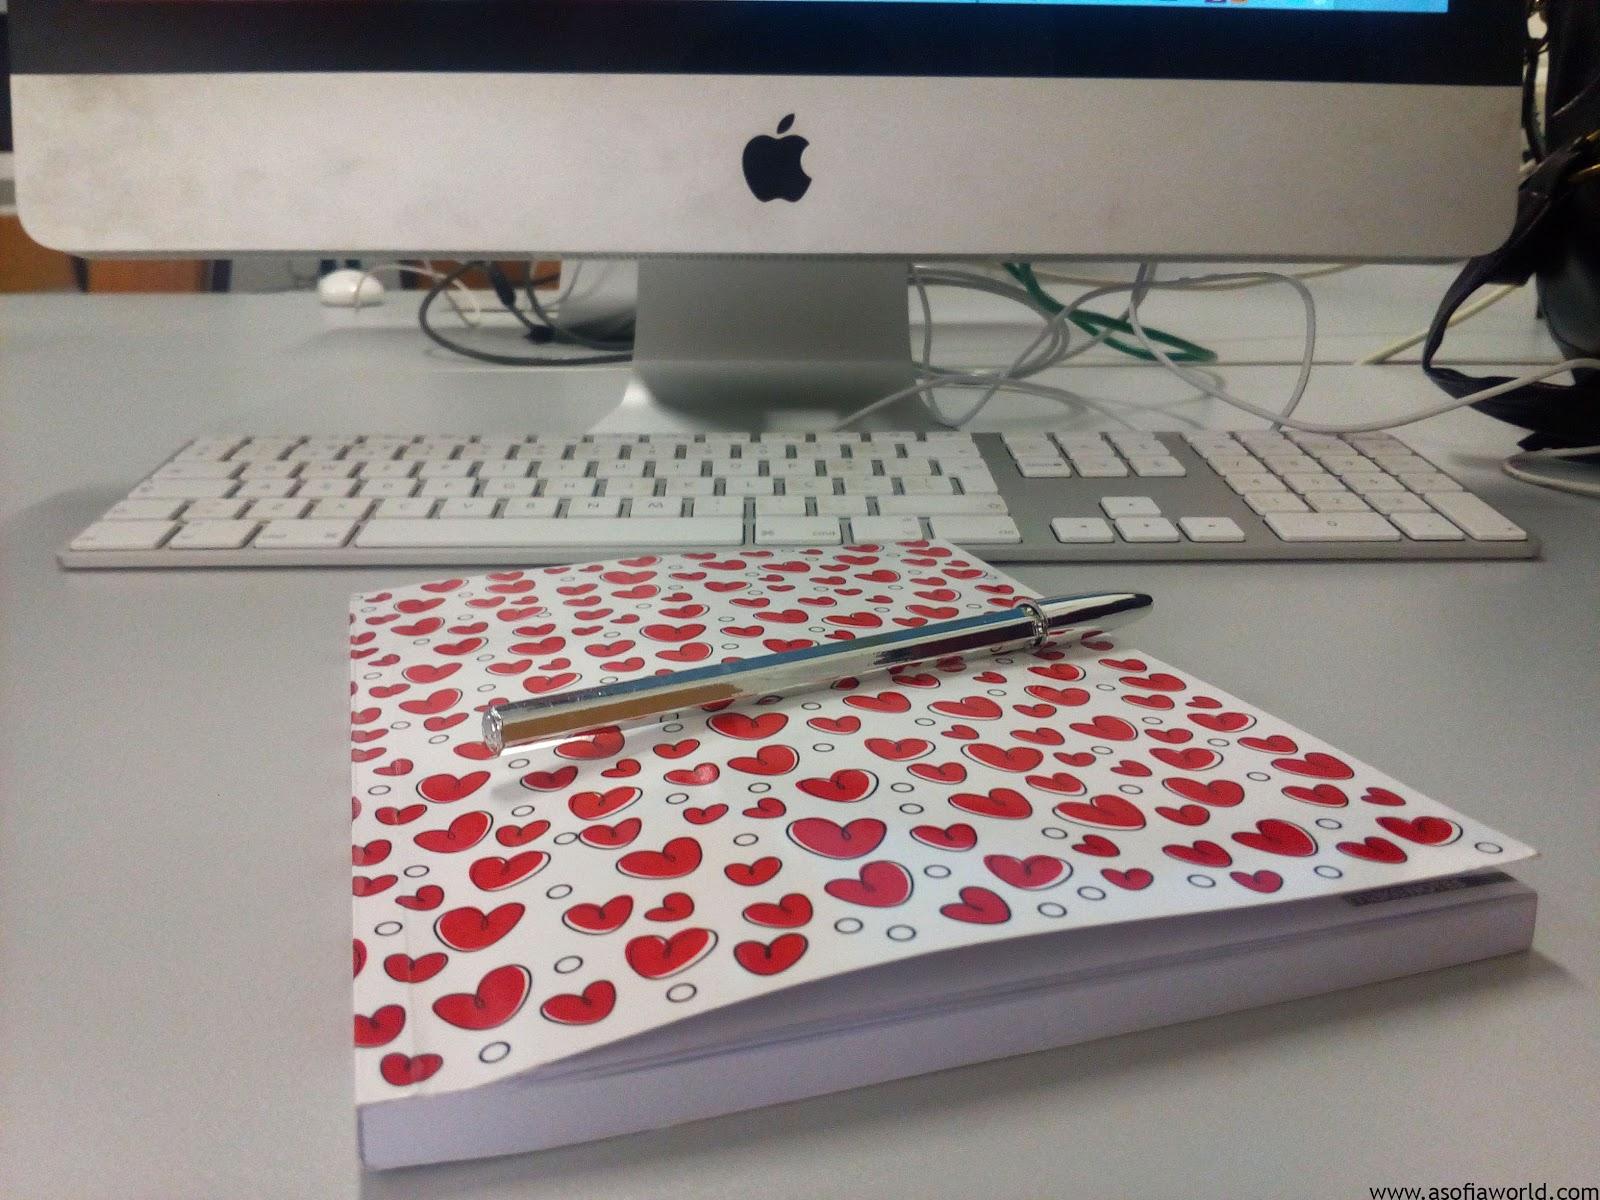 iMac and writting stuff